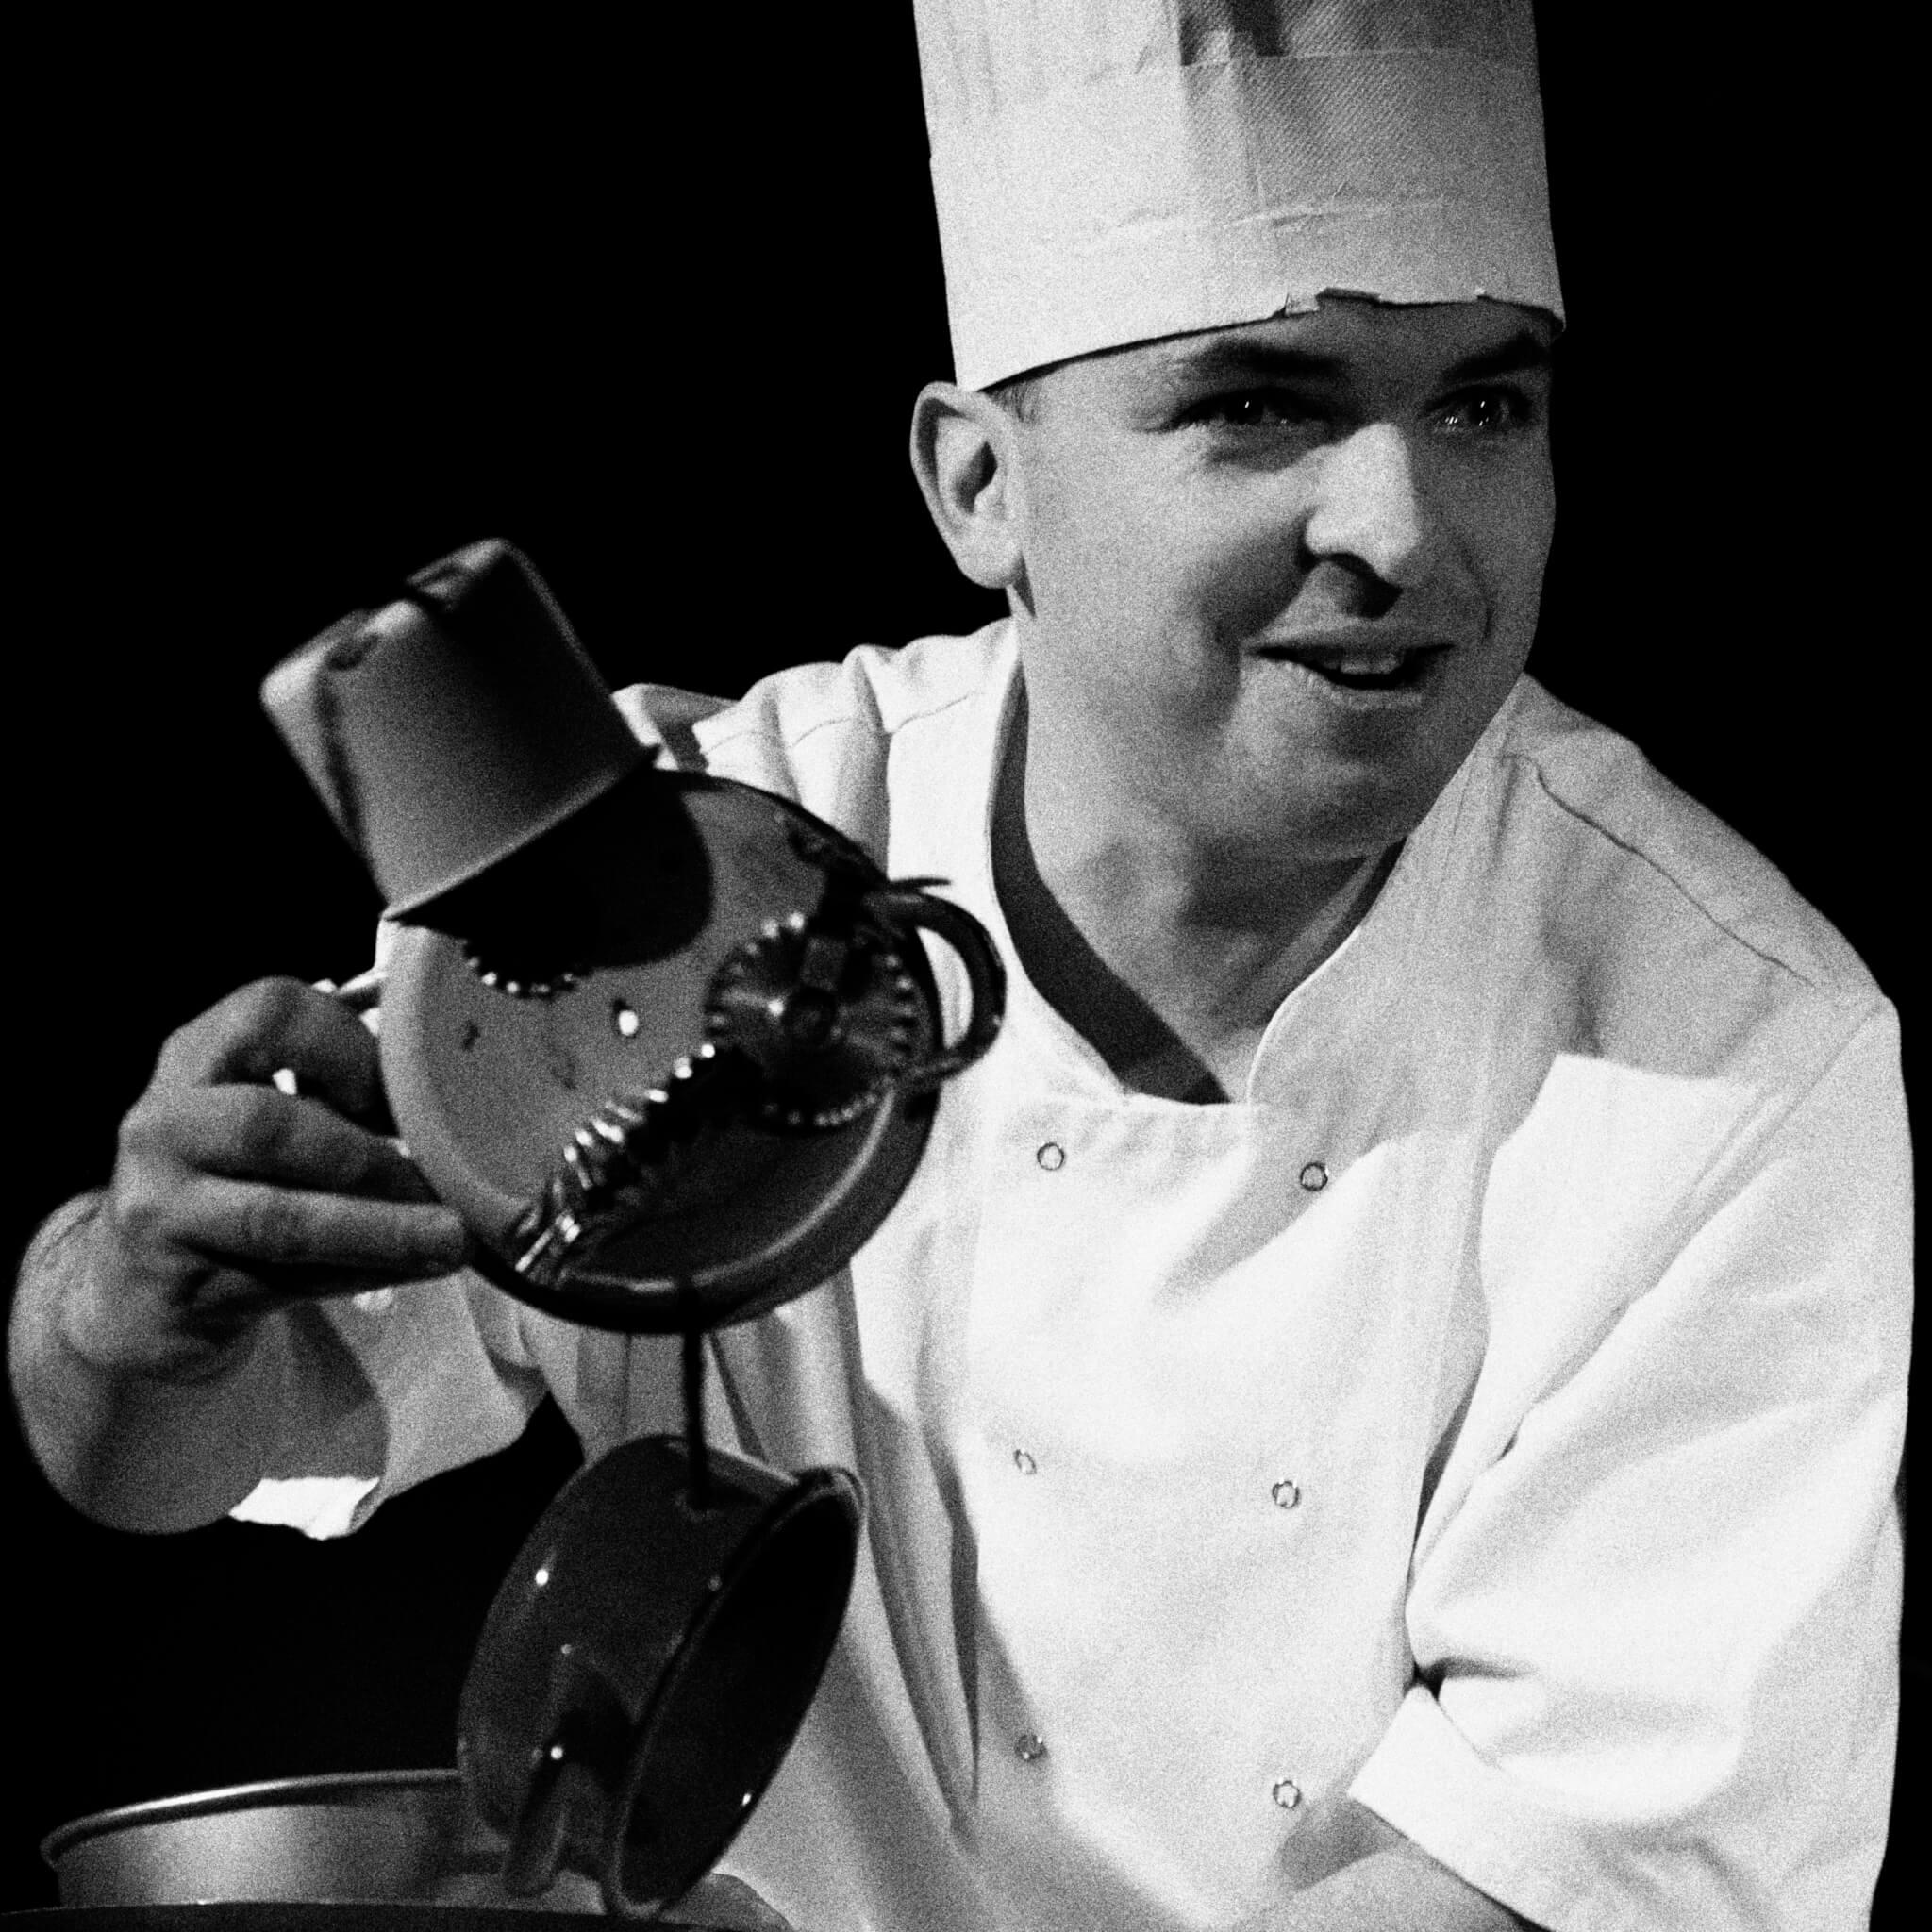 Zdjęcie ze spektaklu Wielkie Ciasto. Przedstawia aktora przebranego za kucharza animującego lalkę zrobiona z garnków.